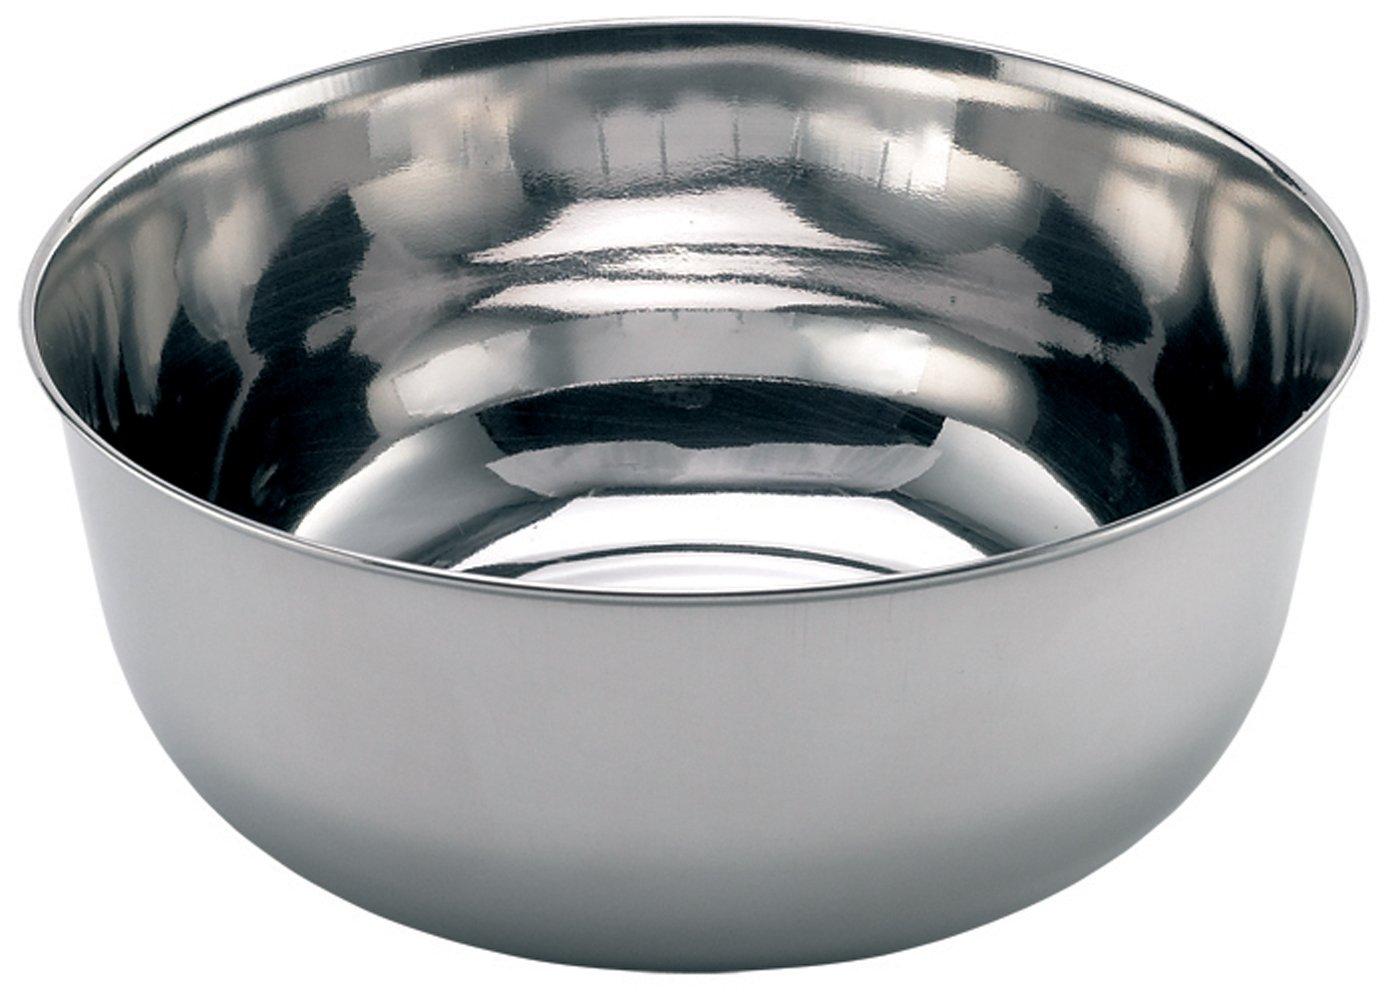 Laken Stainless steel bowl 34oz (1 L) 8309